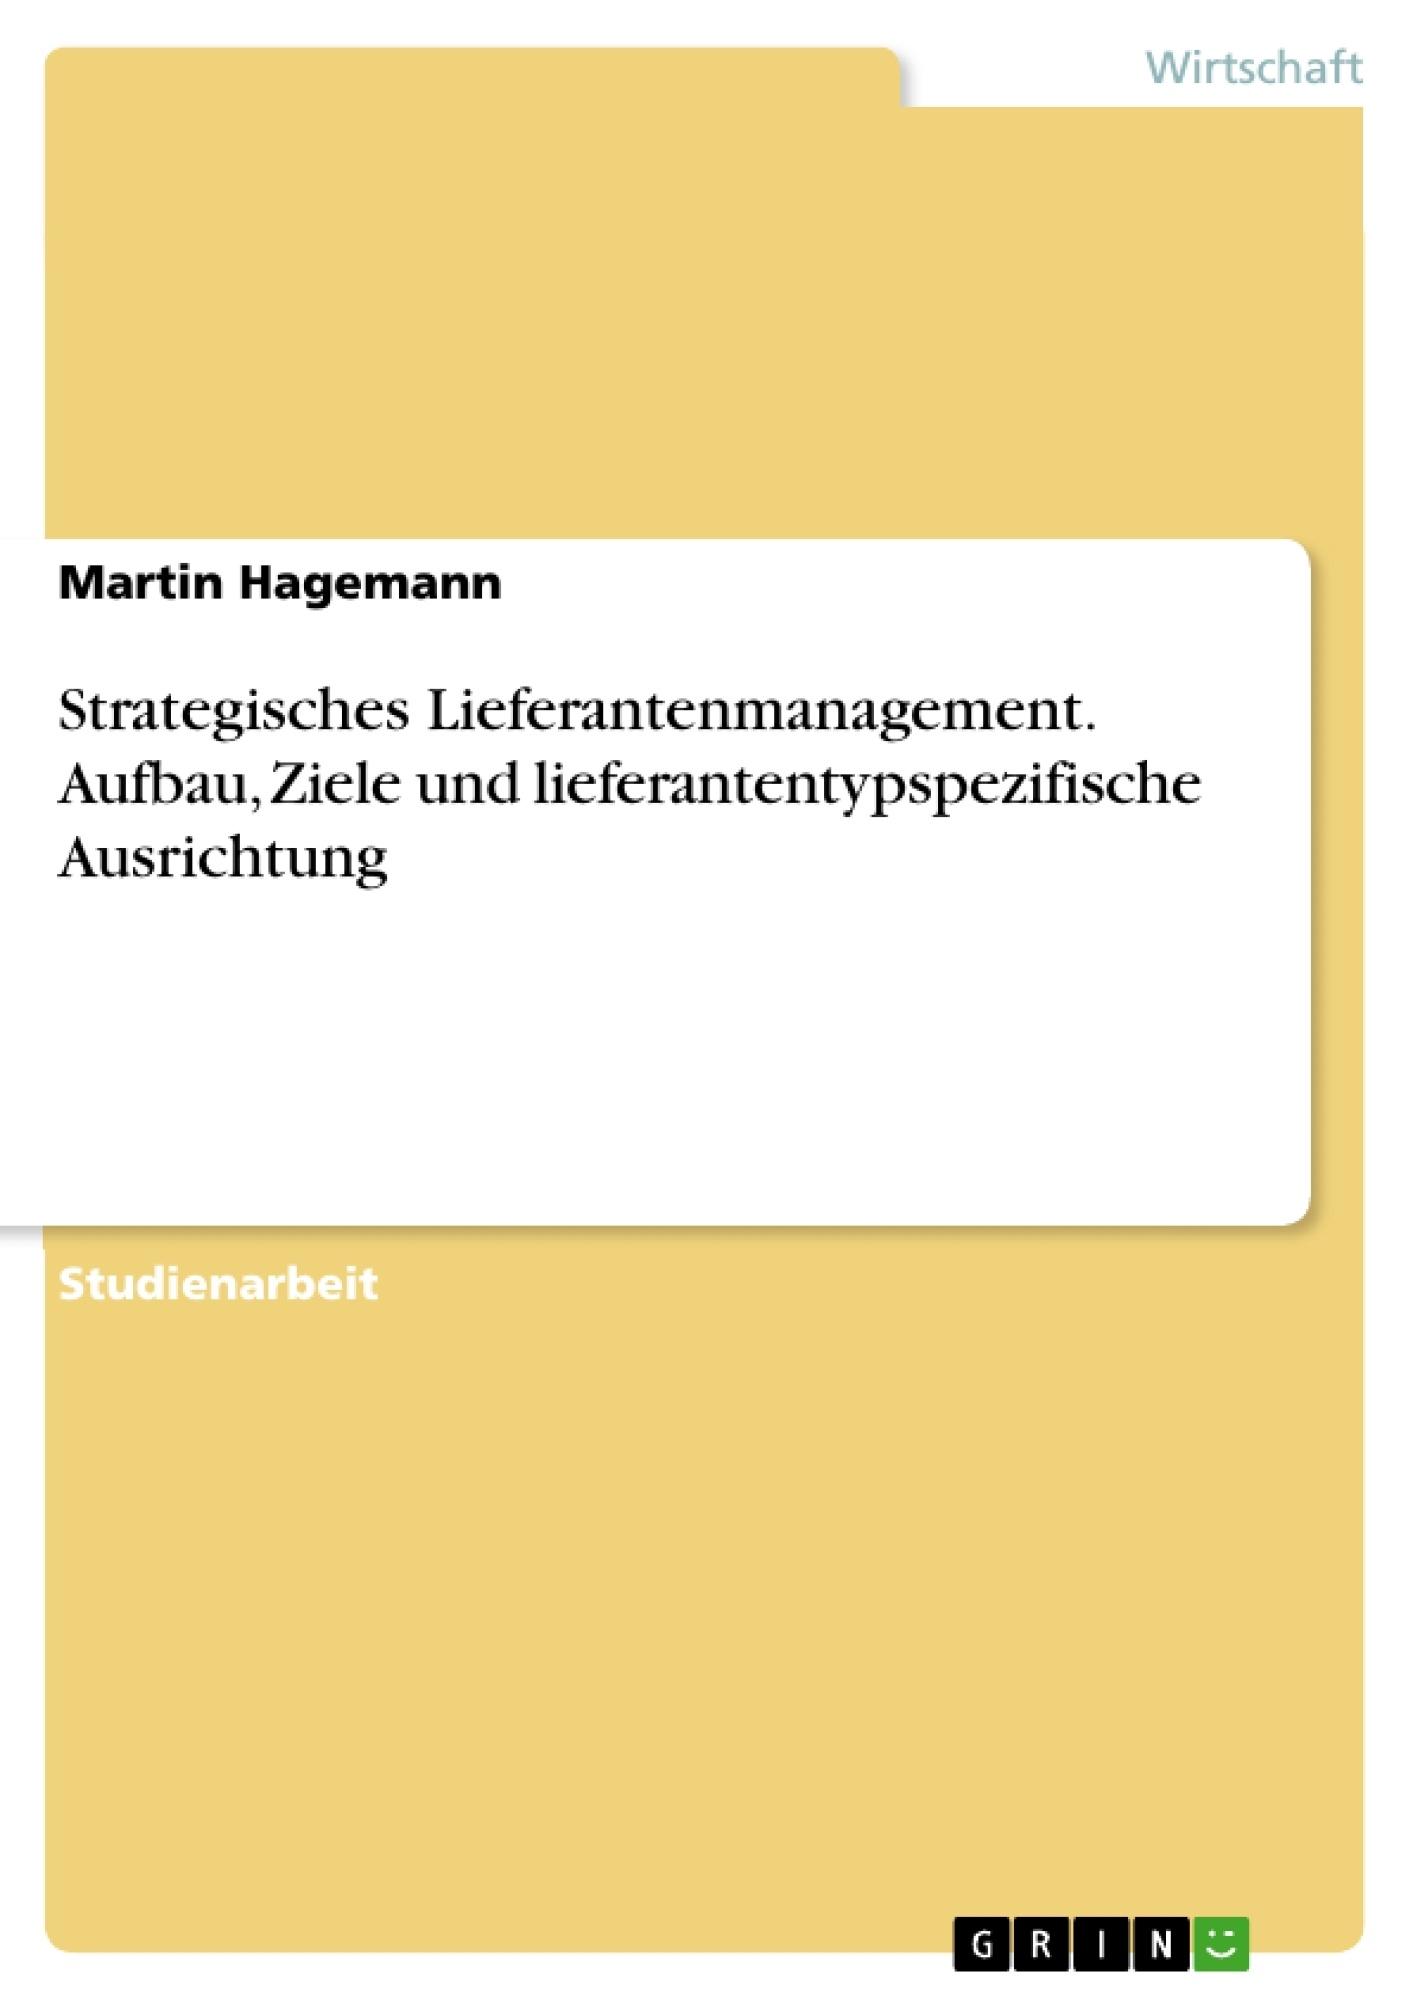 Titel: Strategisches Lieferantenmanagement. Aufbau, Ziele und lieferantentypspezifische Ausrichtung